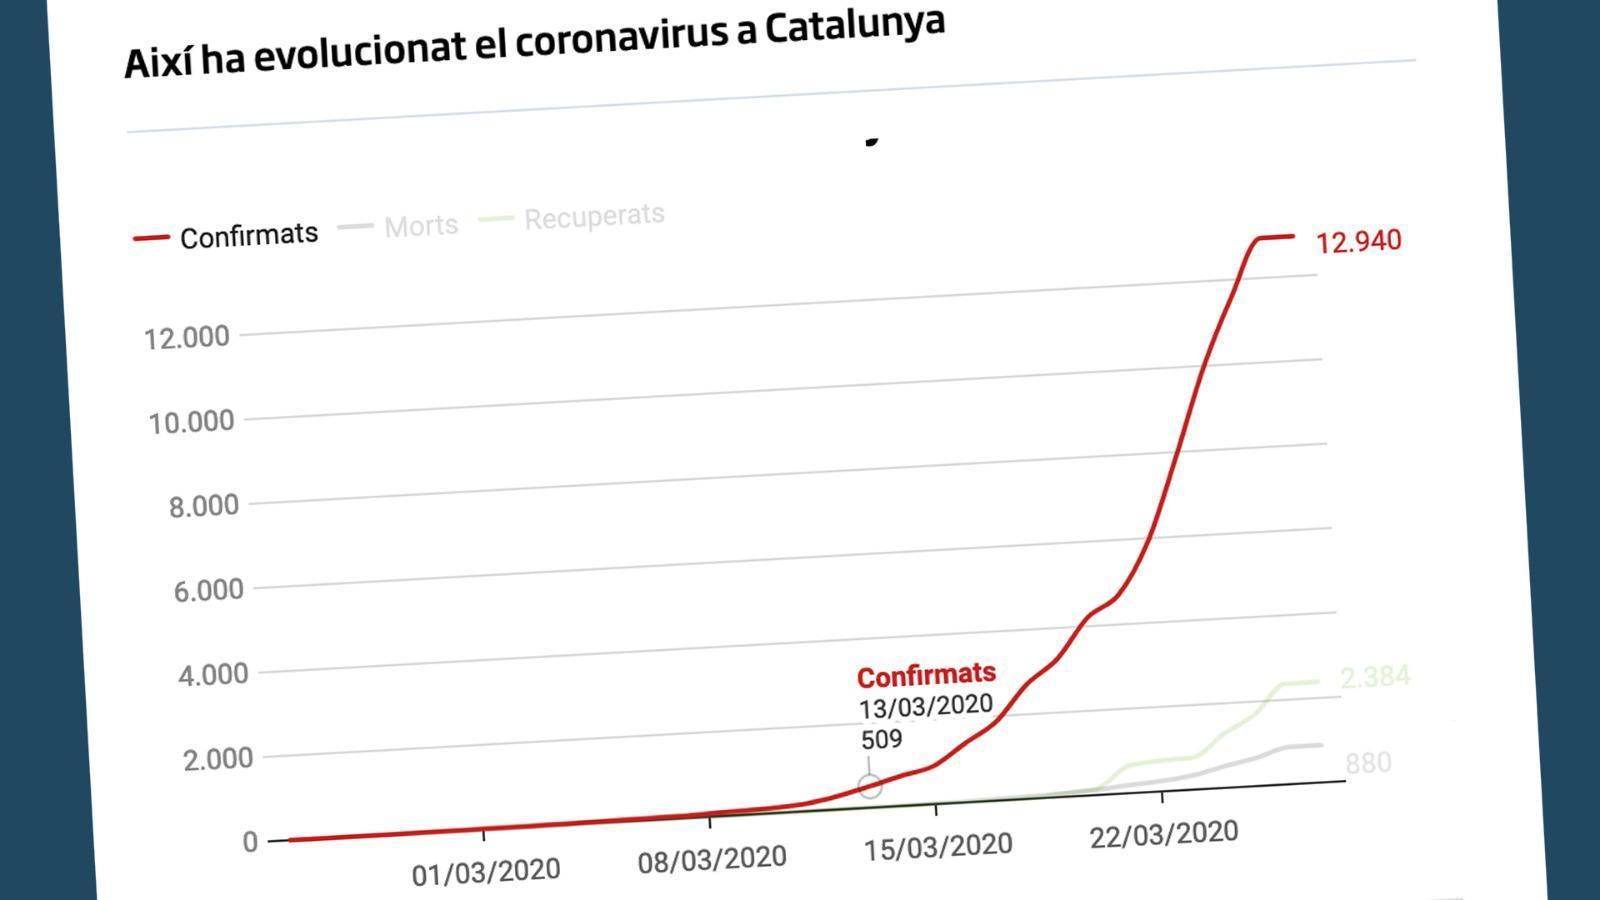 Dues setmanes confinats: de 6 a 880 morts i 2.384 curats: les claus del vespre, amb Antoni Bassas (27/03/2020)